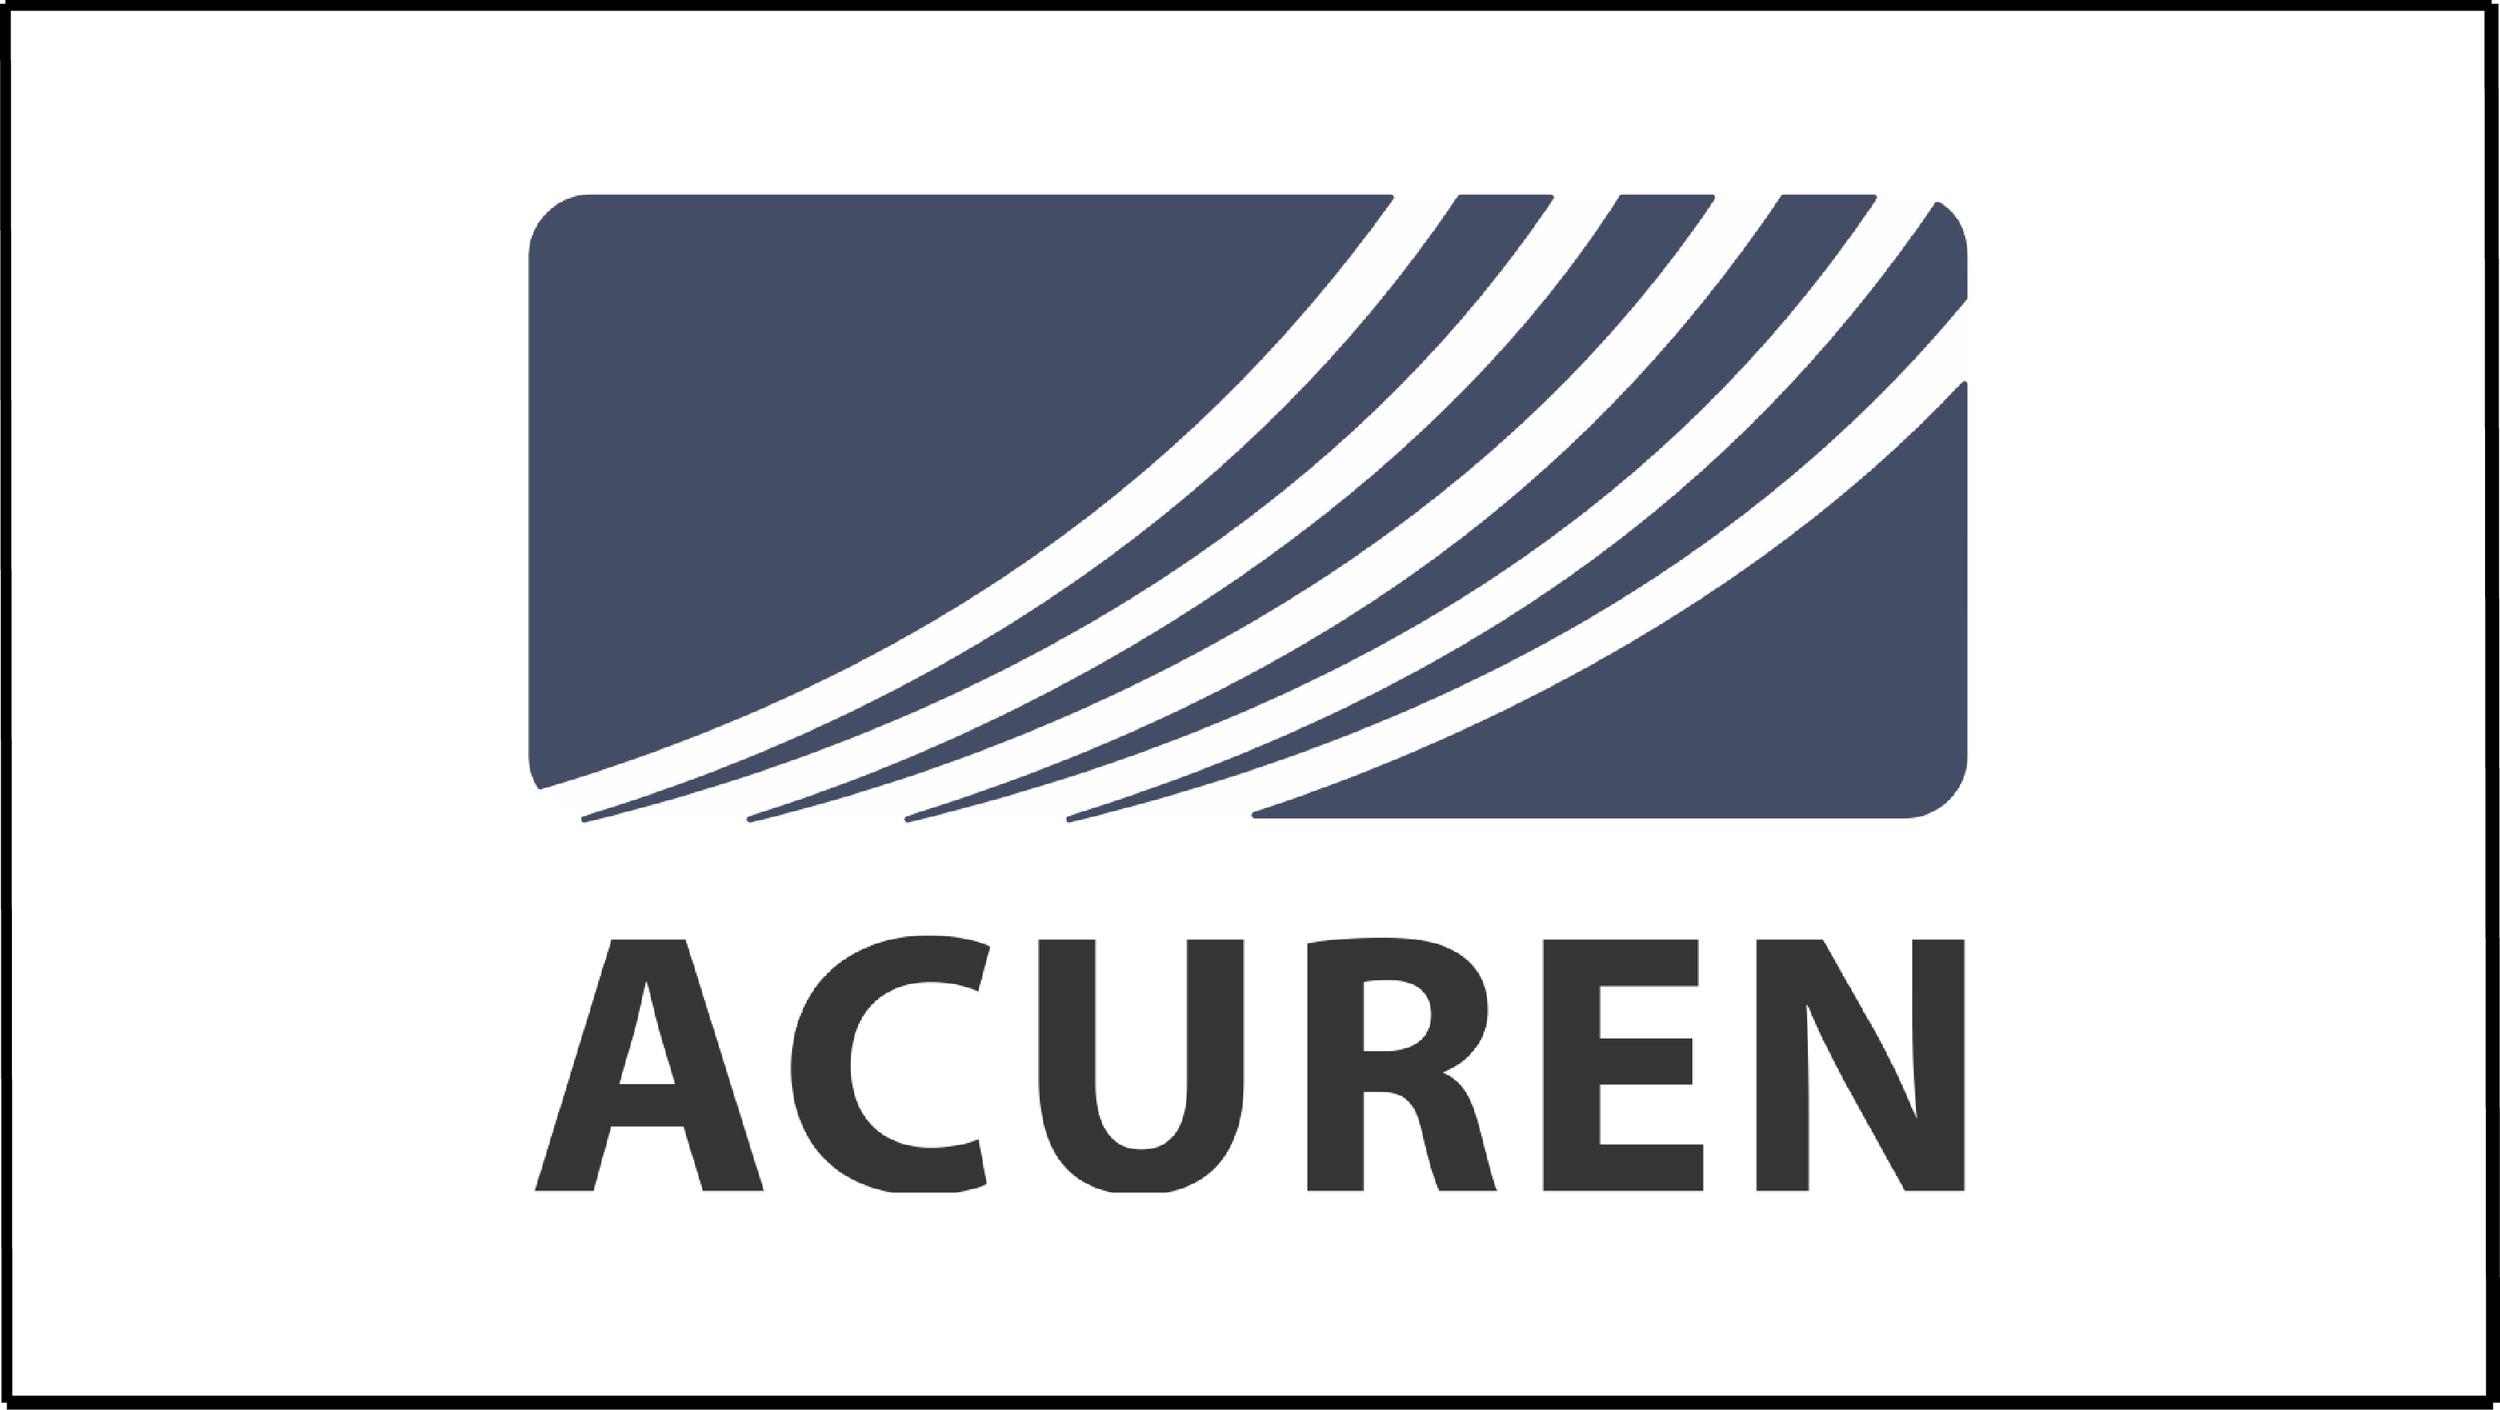 Acuren.png